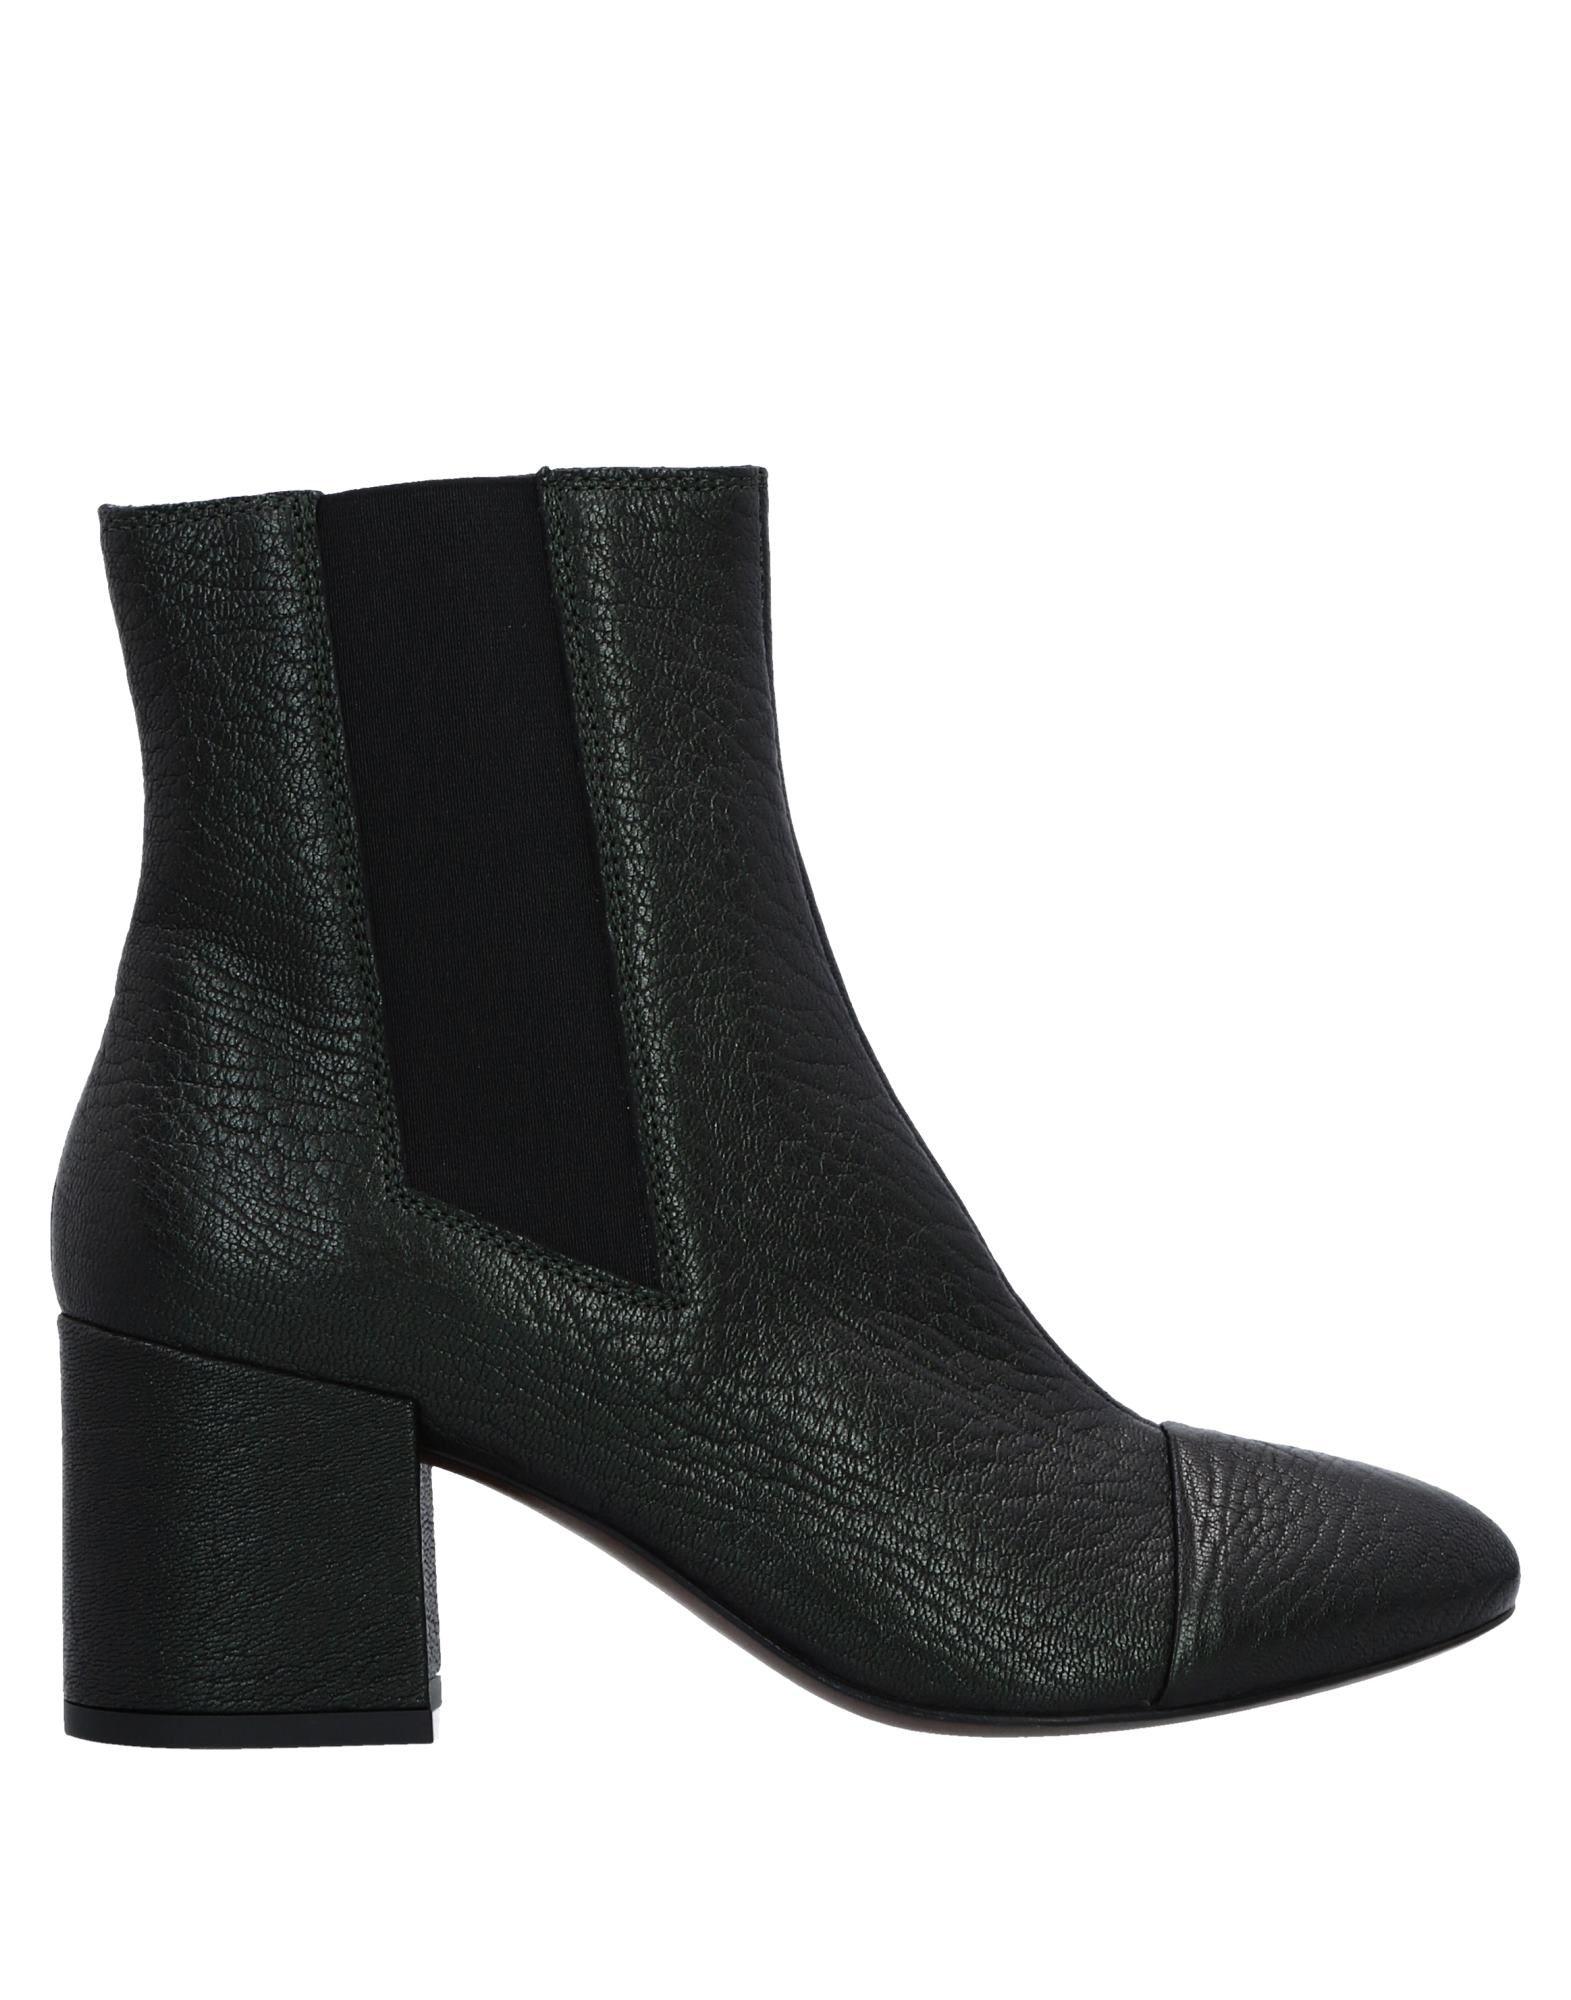 Agl Attilio Giusti Leombruni strapazierfähige Chelsea Stiefel Damen 11539914JEGut aussehende strapazierfähige Leombruni Schuhe fb6fbe